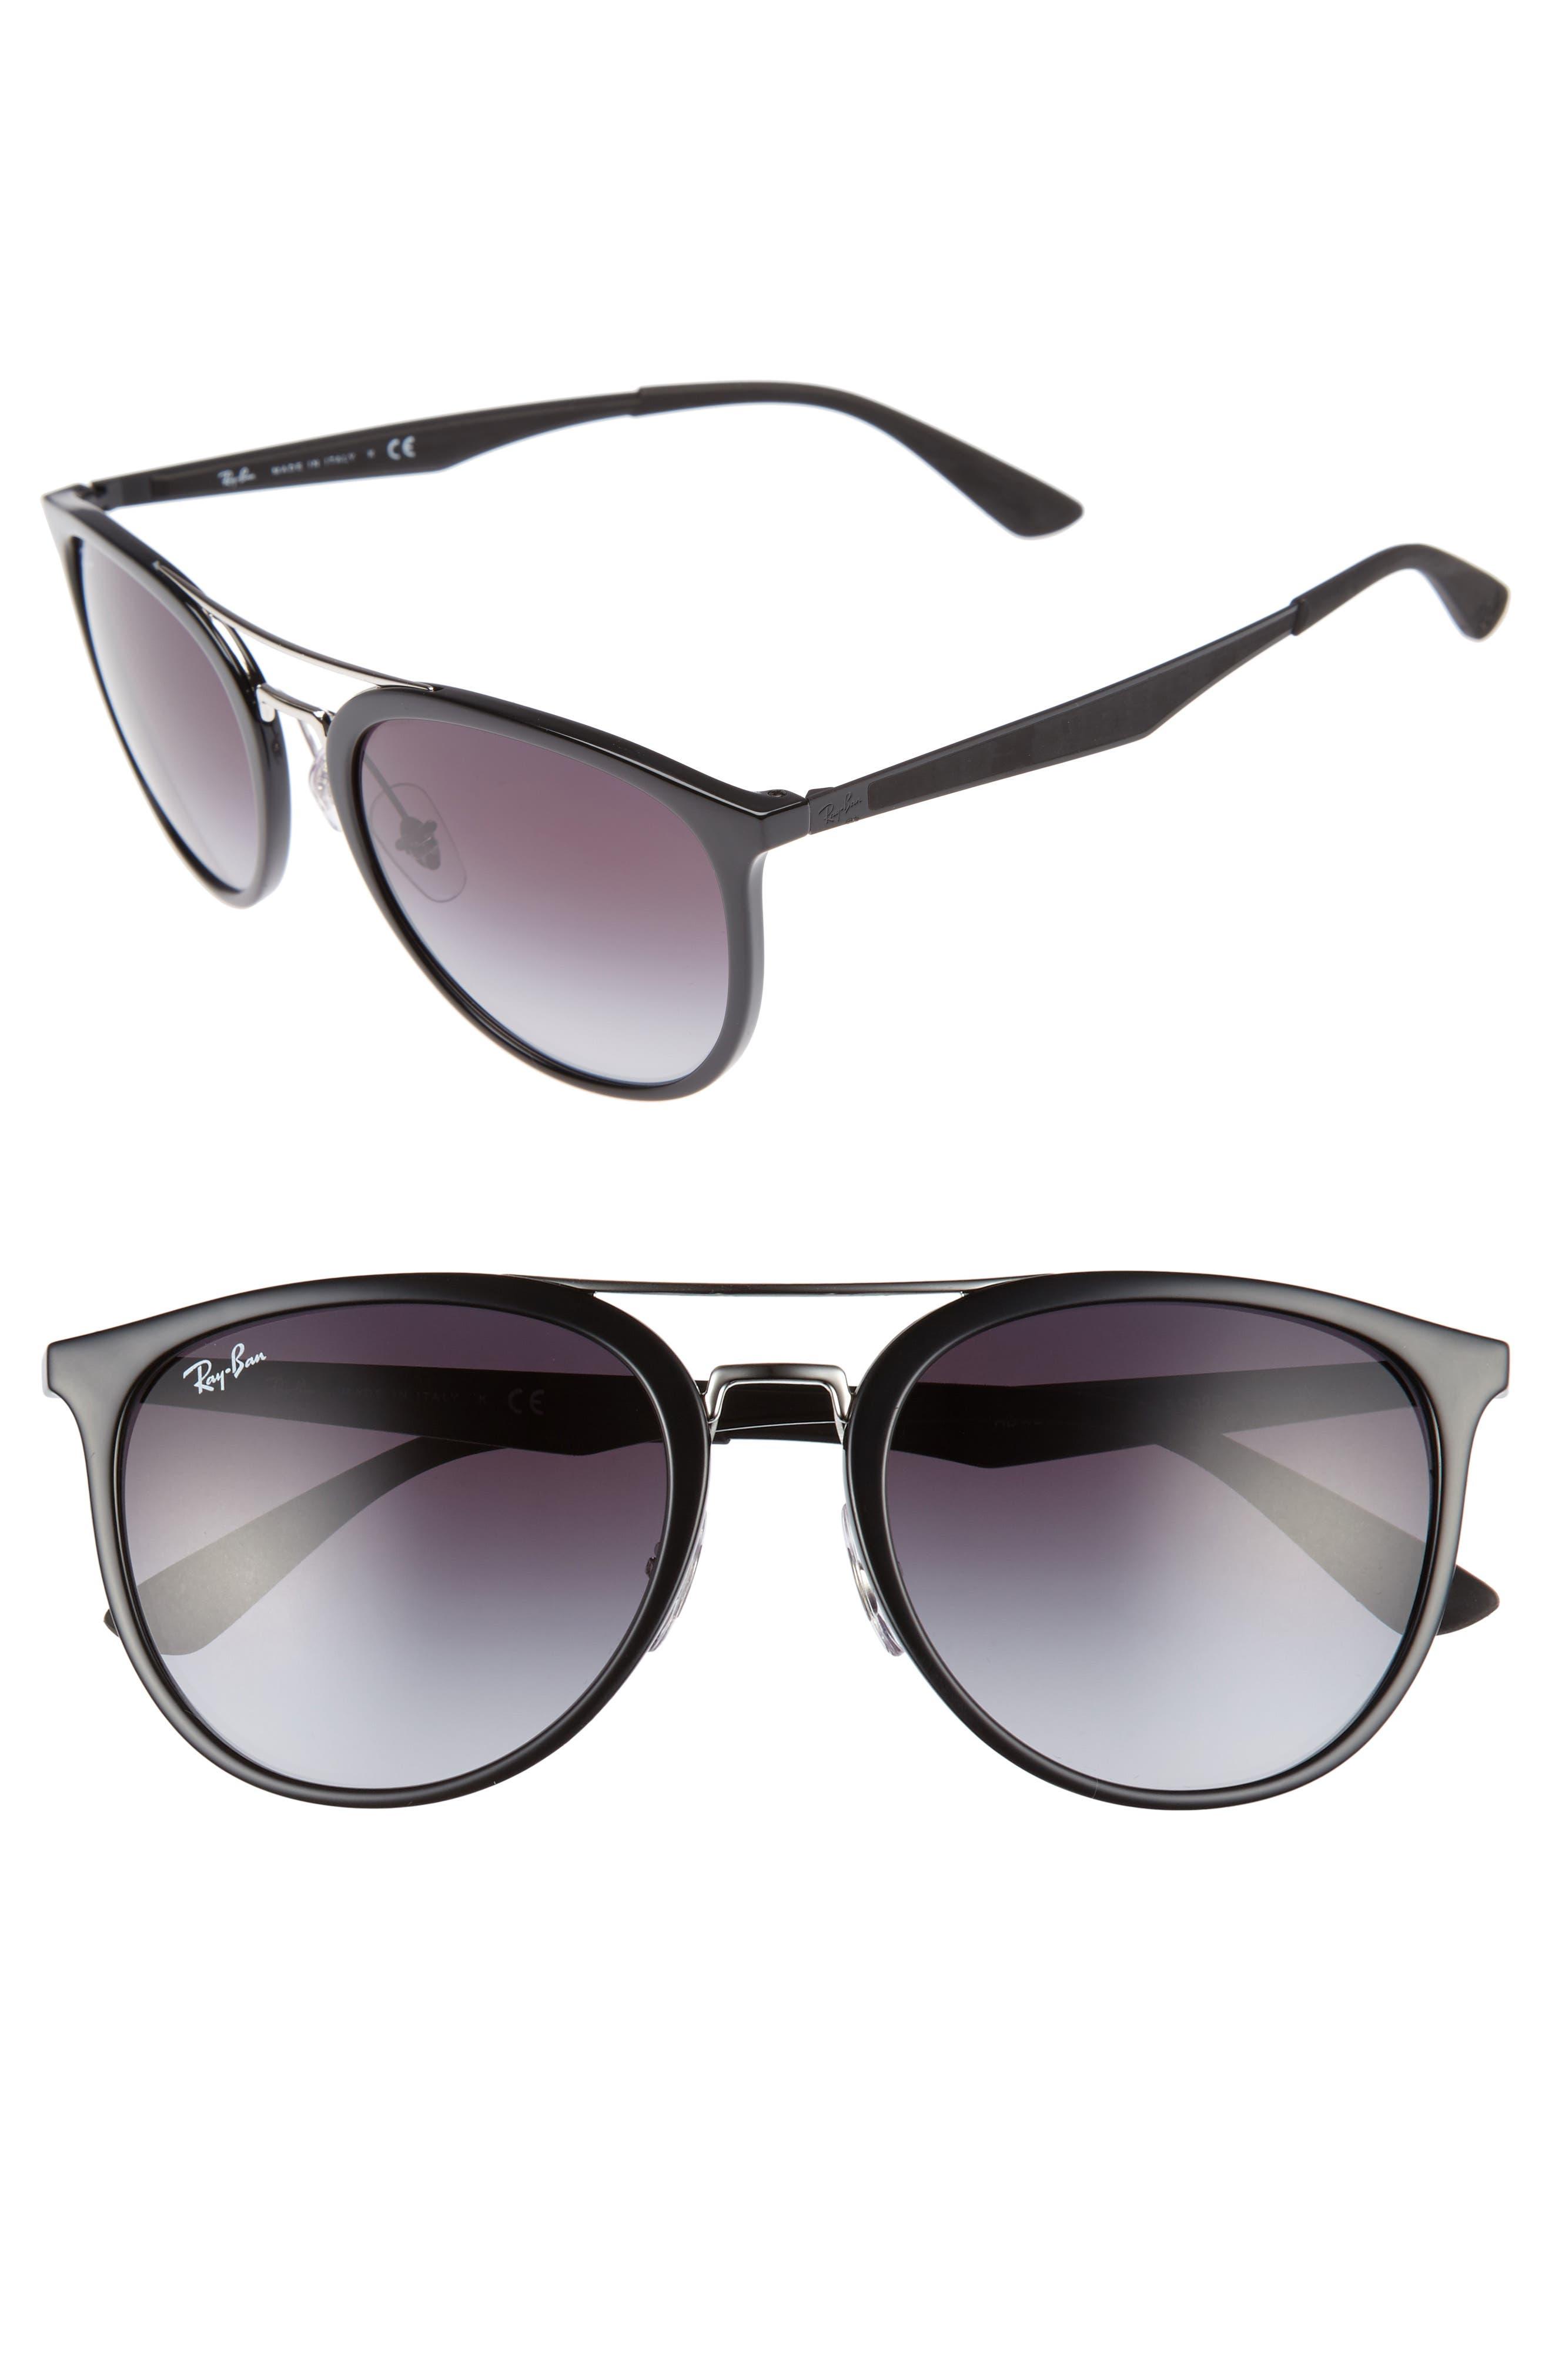 55mm Gradient Lens Sunglasses,                         Main,                         color, Black